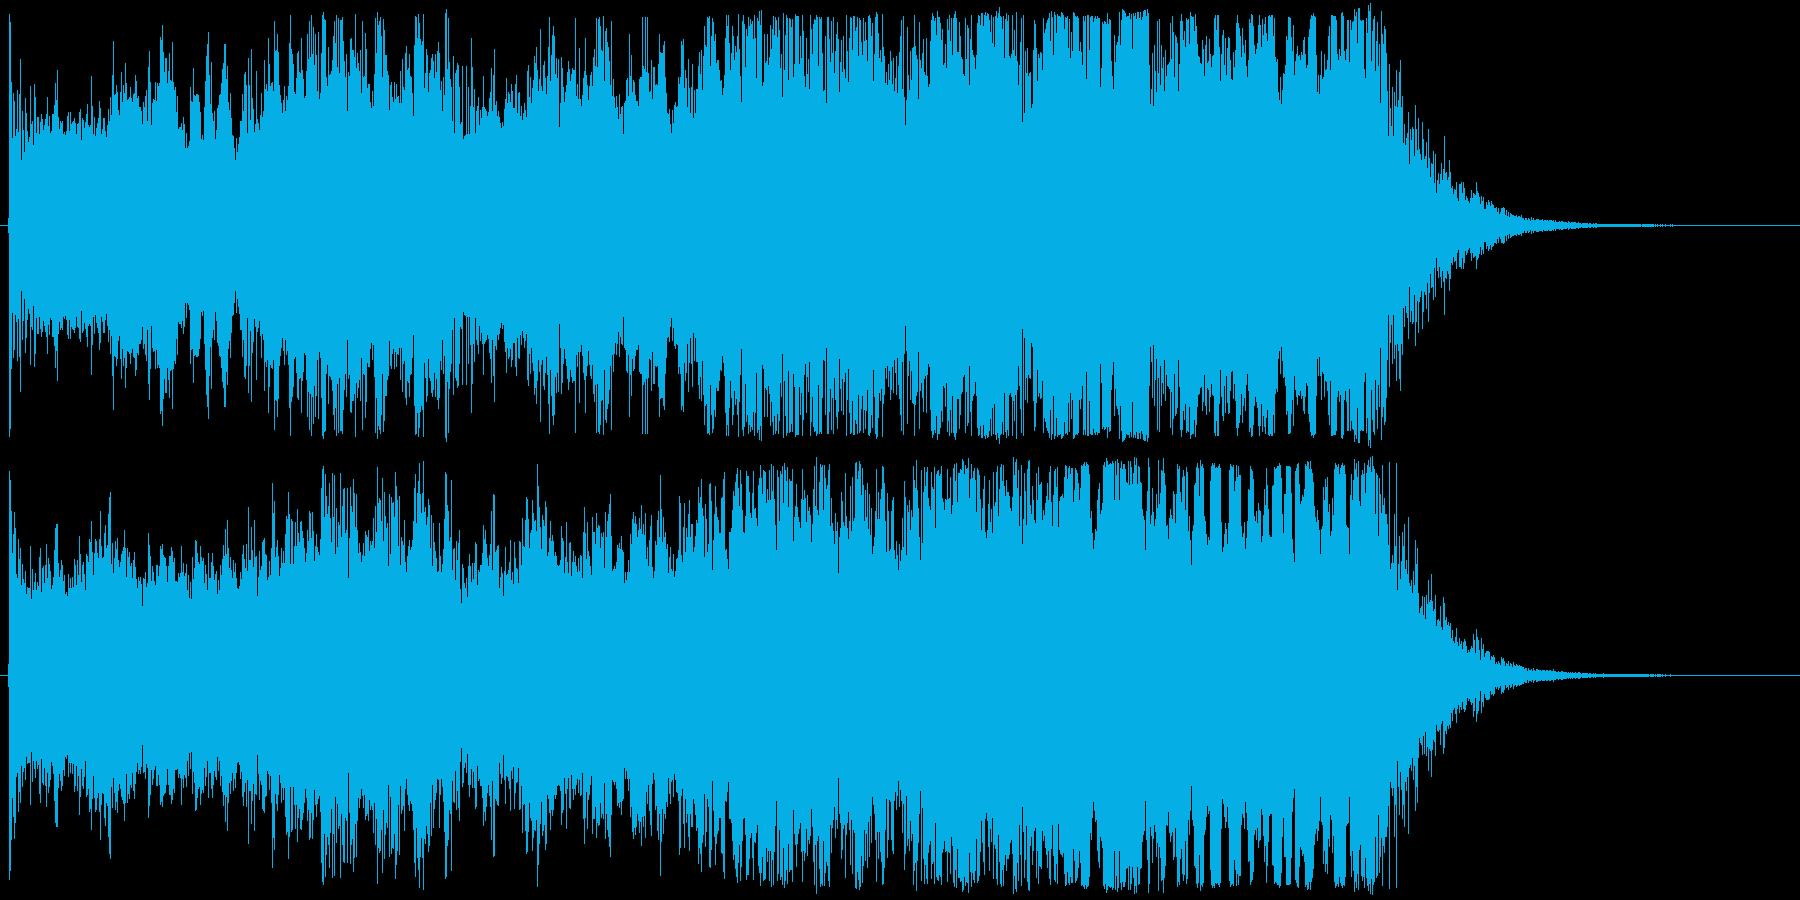 映画OPのようなオーケストラ系ジングルの再生済みの波形